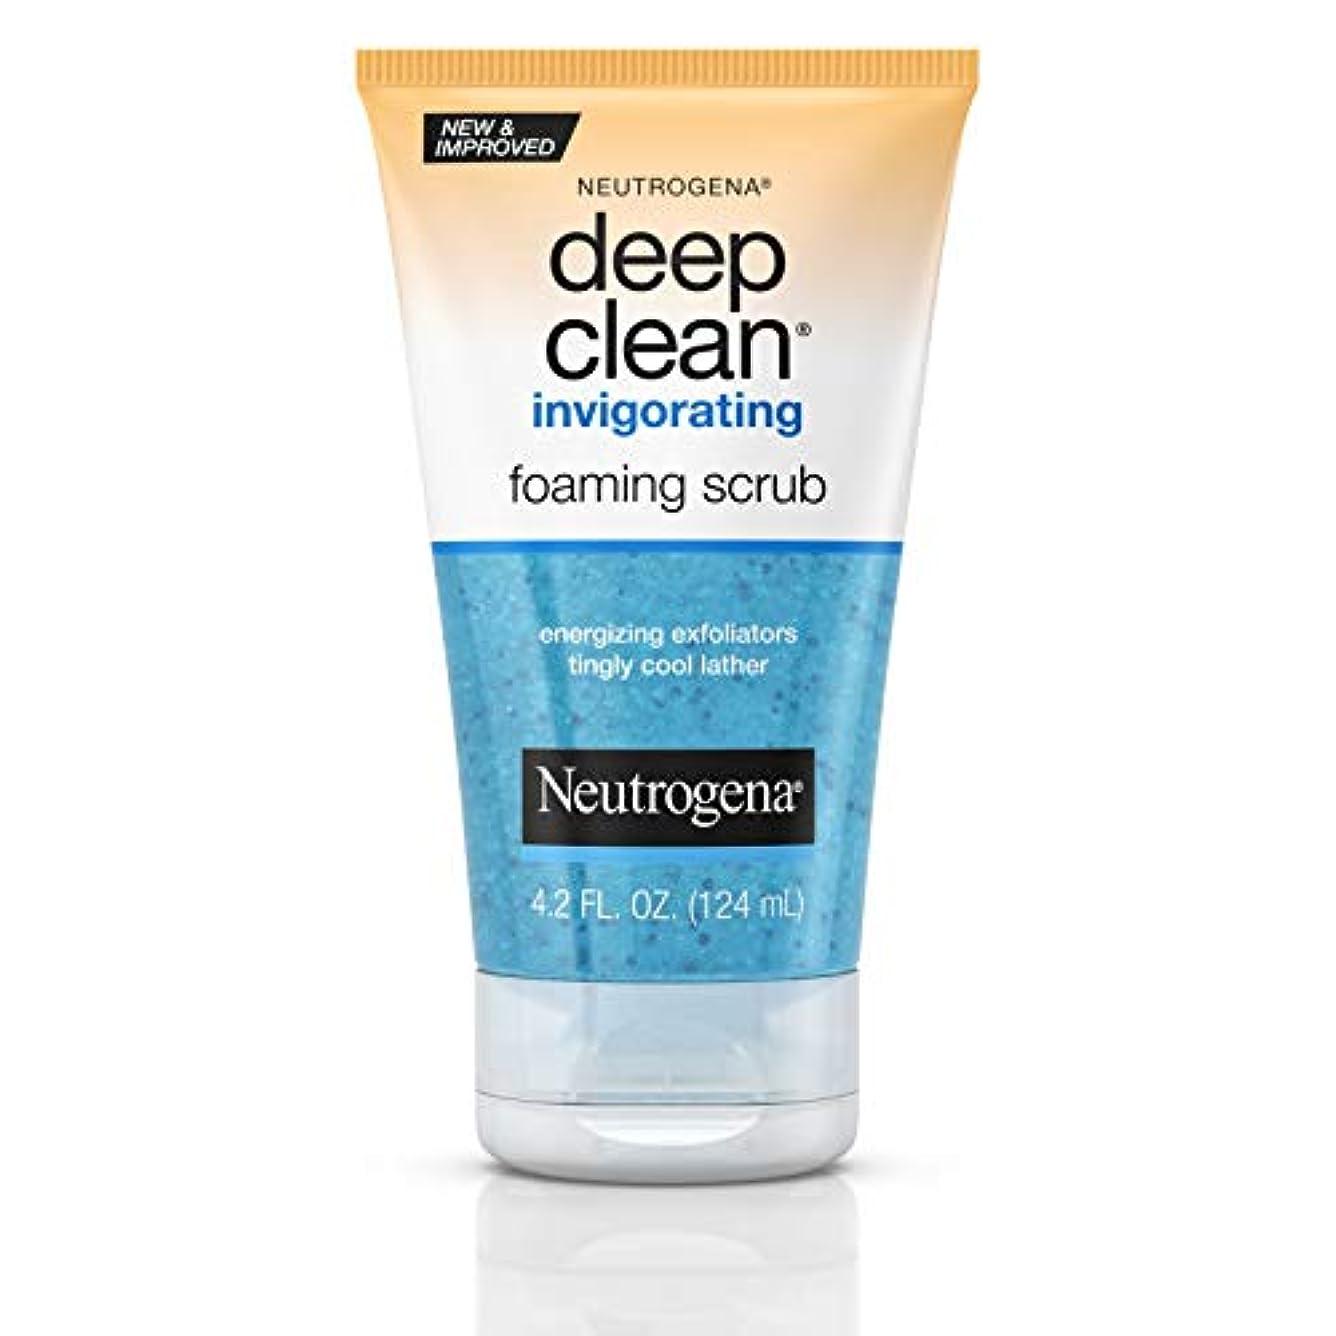 忌まわしい選択する最も早いNeutrogena Deep Clean Invigorating Foaming Scrub ニキビのための皮膚の奥までキレイにする洗顔ジェル125ml